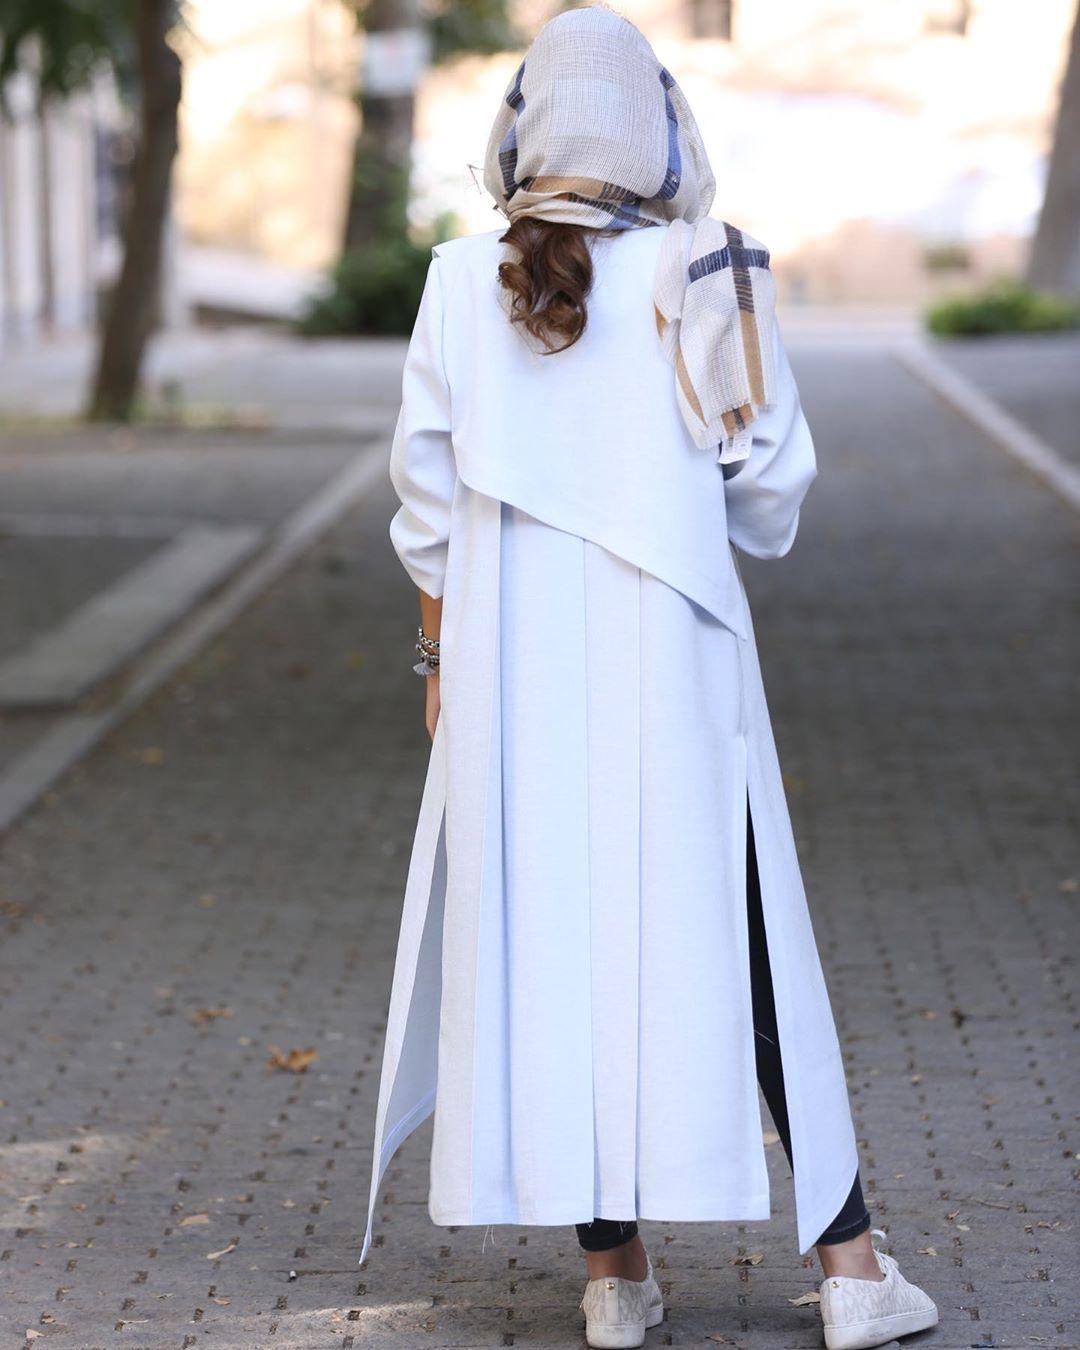 مدل مانتو دخترانه اینستاگرام